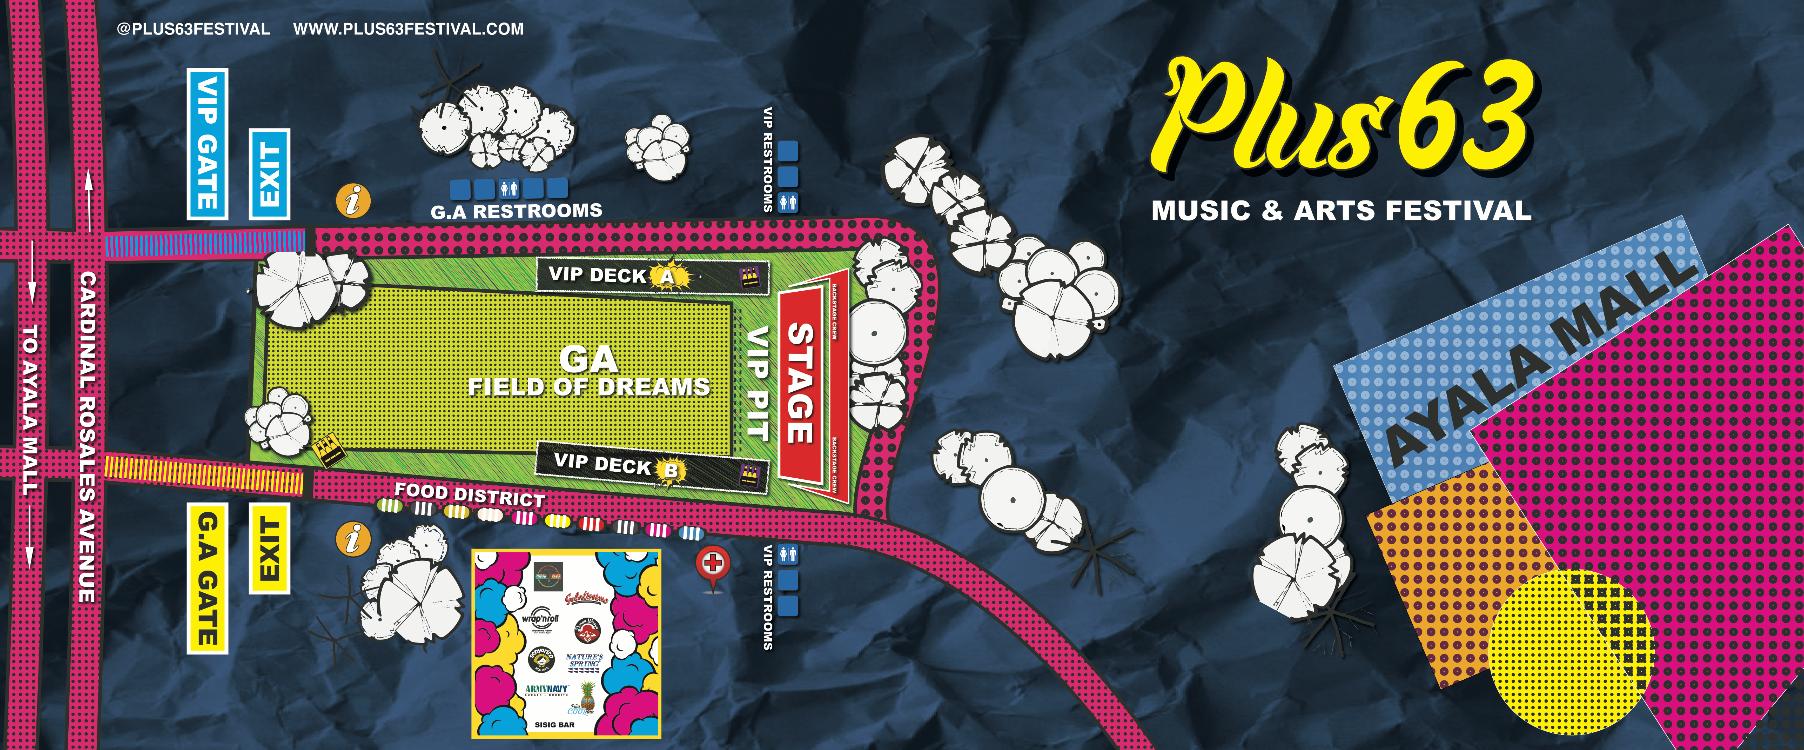 PLUS63 FESTIVAL 2018.png